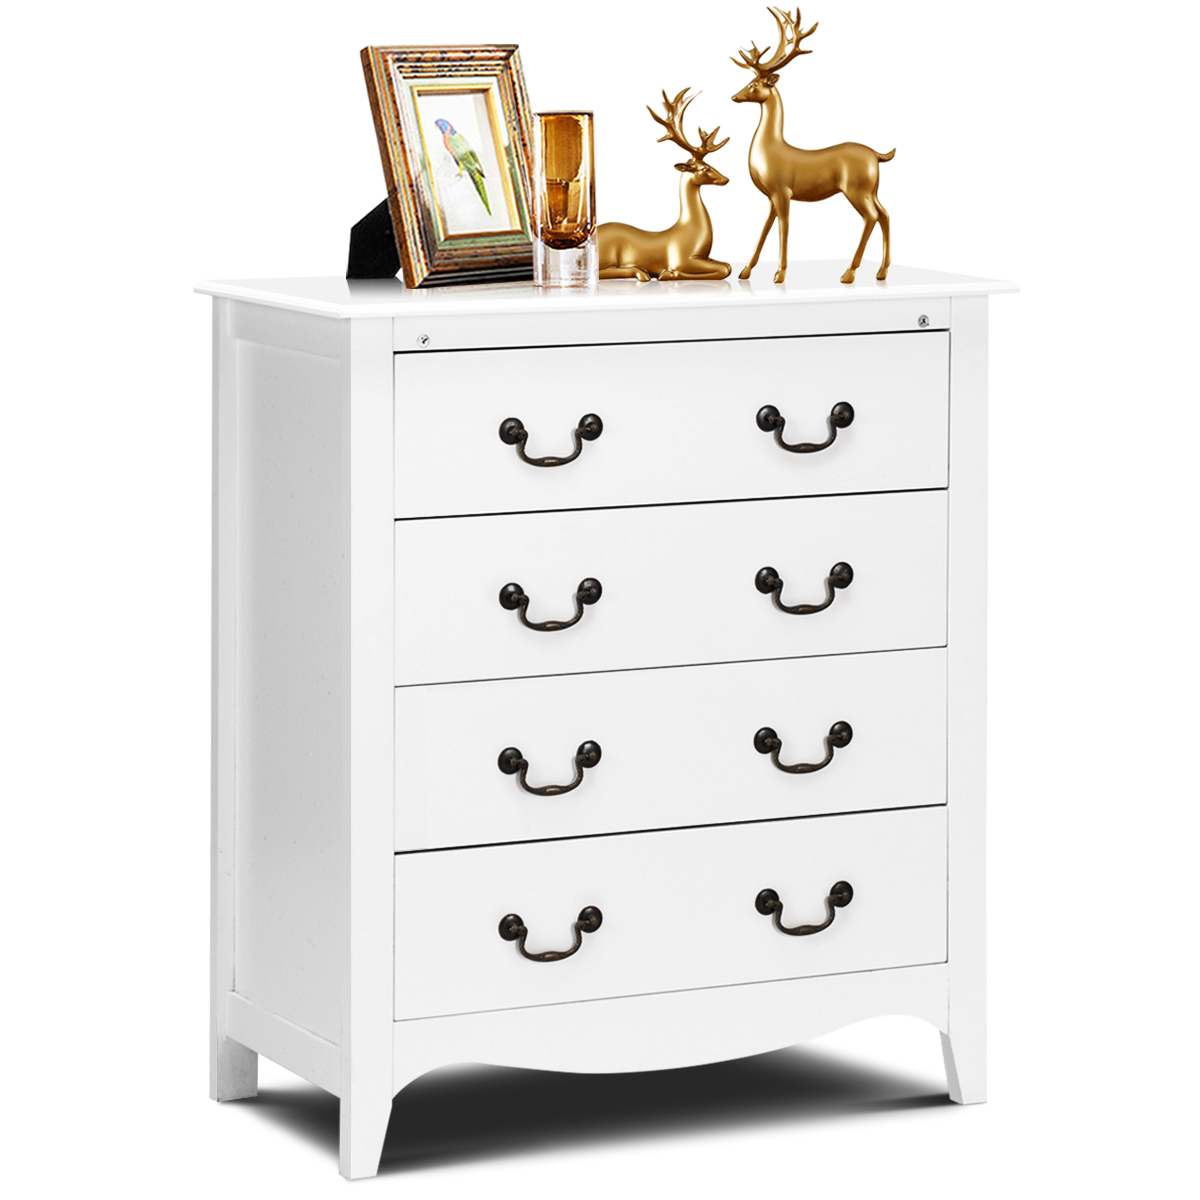 costway 4 drawers chest dresser organizer storage cabinet bedroom furniture white